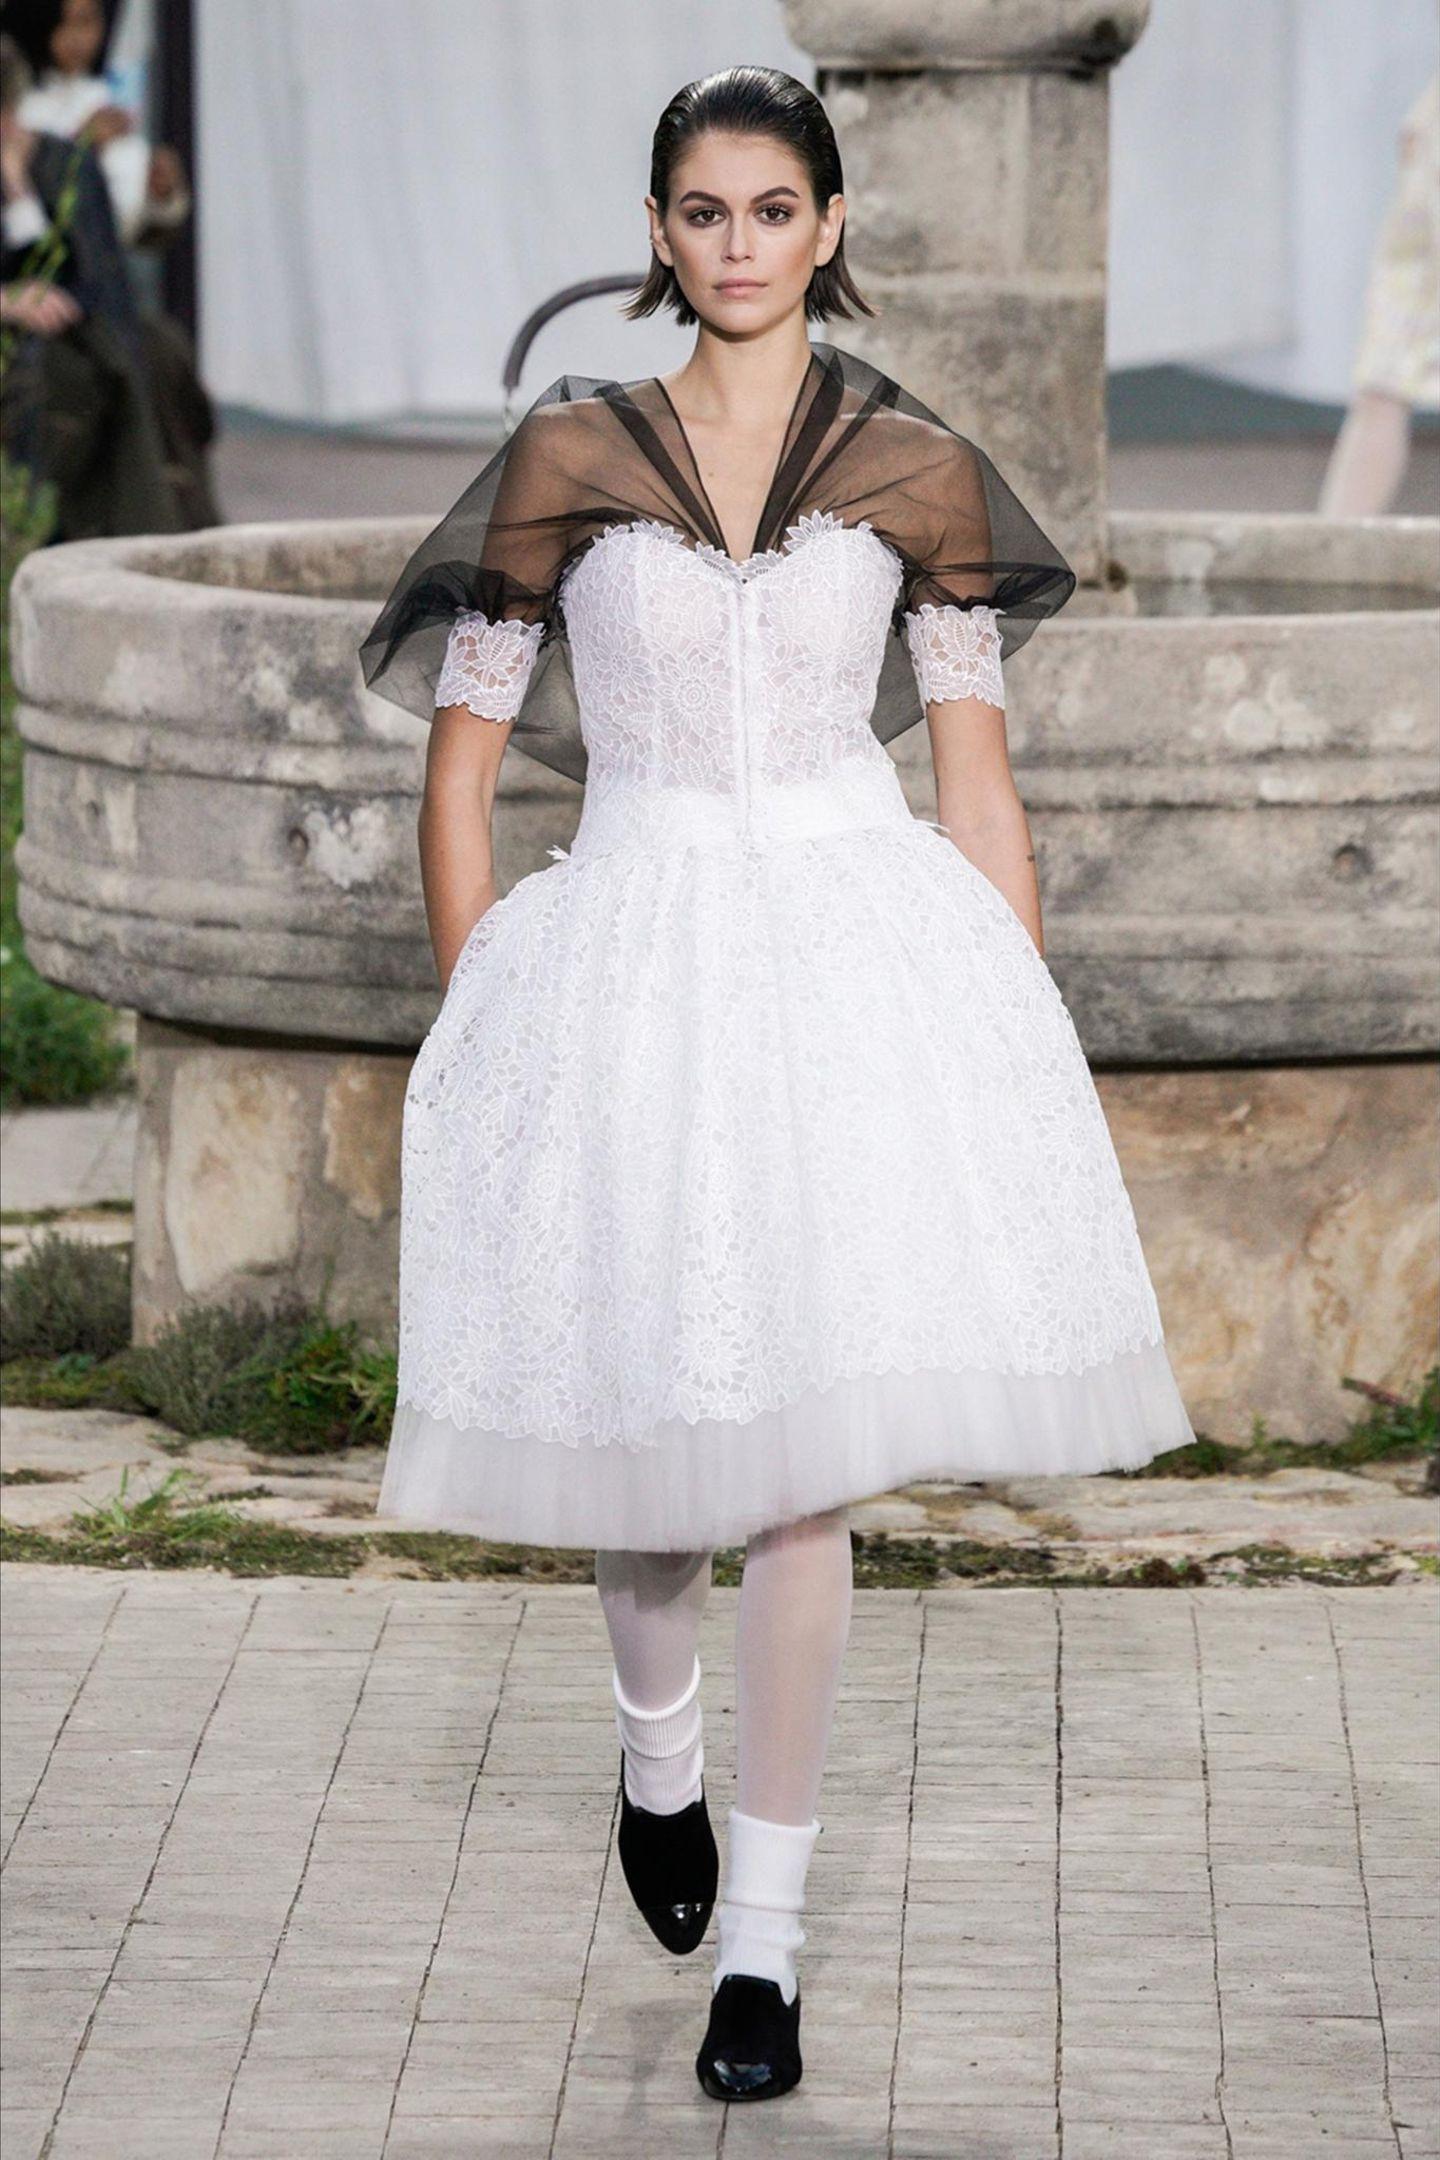 Kaia Gerber präsentiert eine Chanel-Kreation aus Spitze und Organza. Der Tellerrock zaubert eine großartige Silhouette.